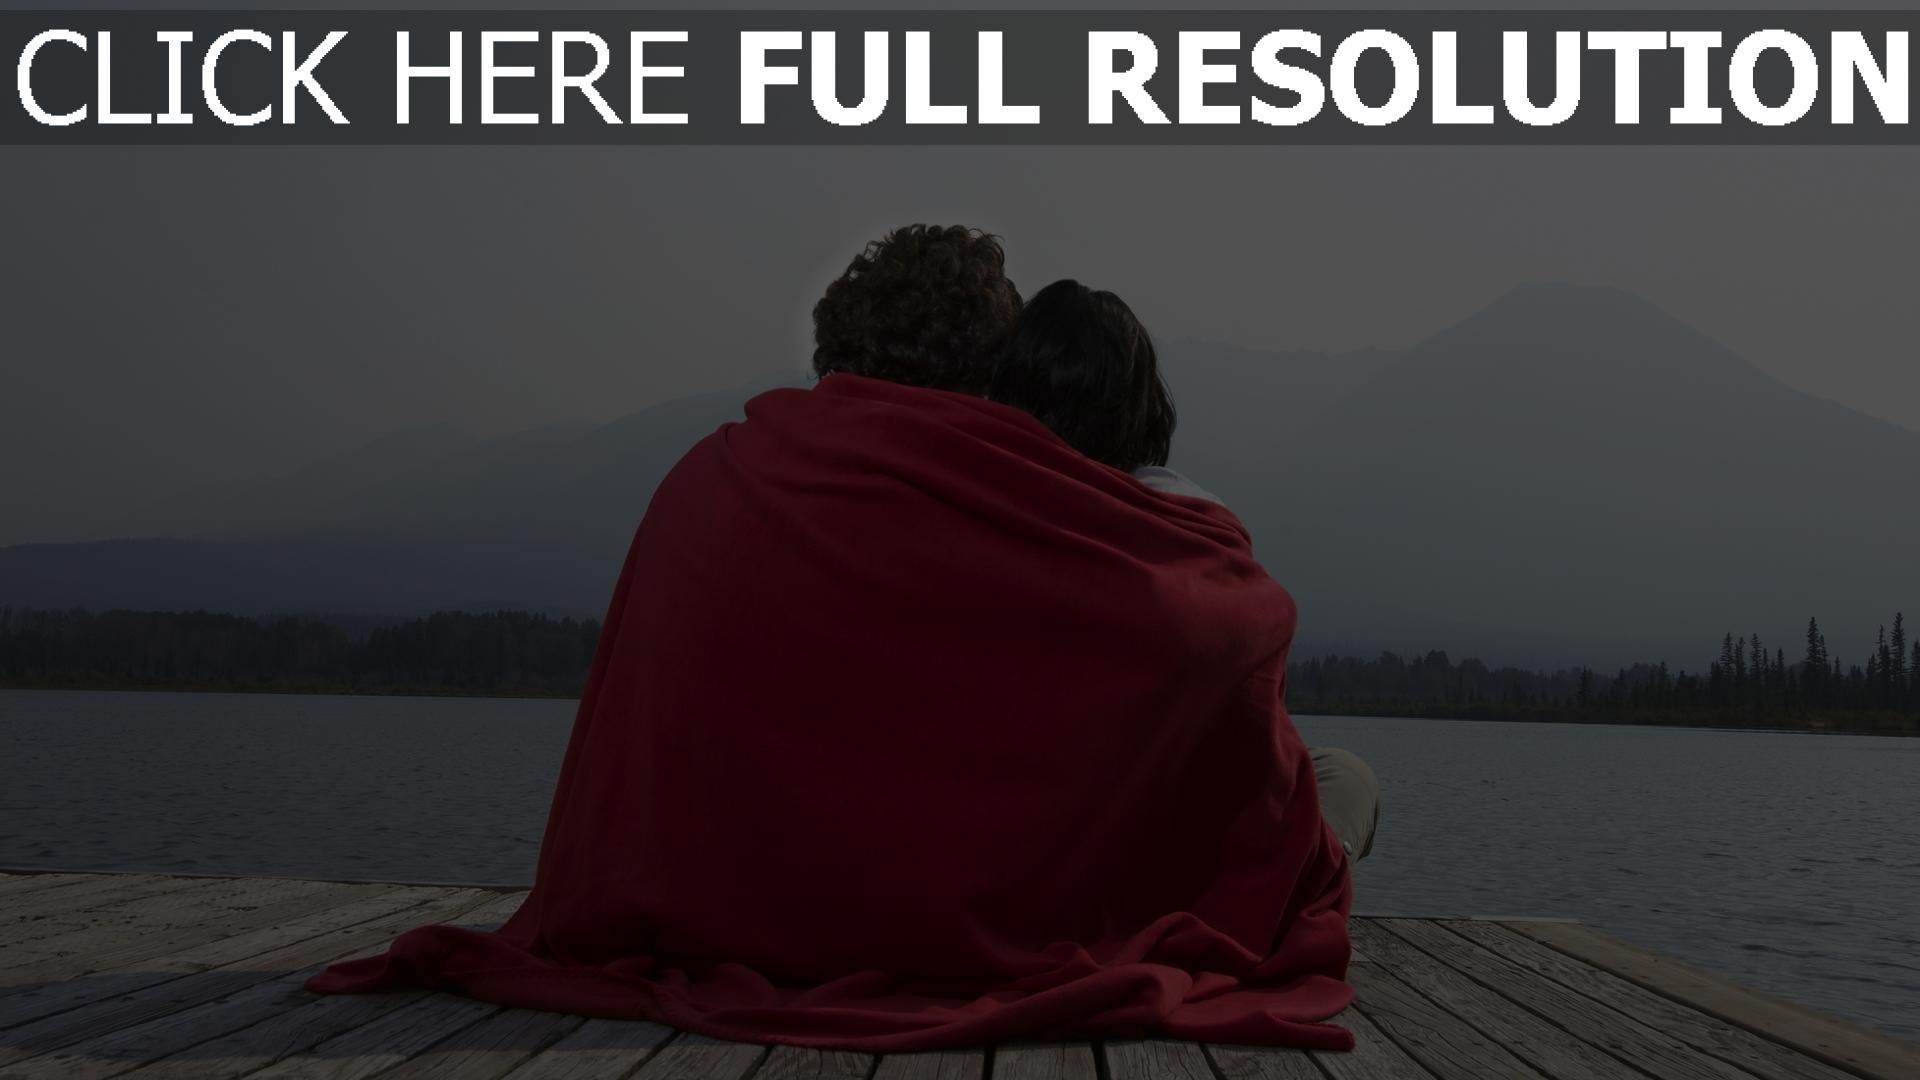 hd hintergrundbilder paar umarmt kariert strand romantik 1920x1080